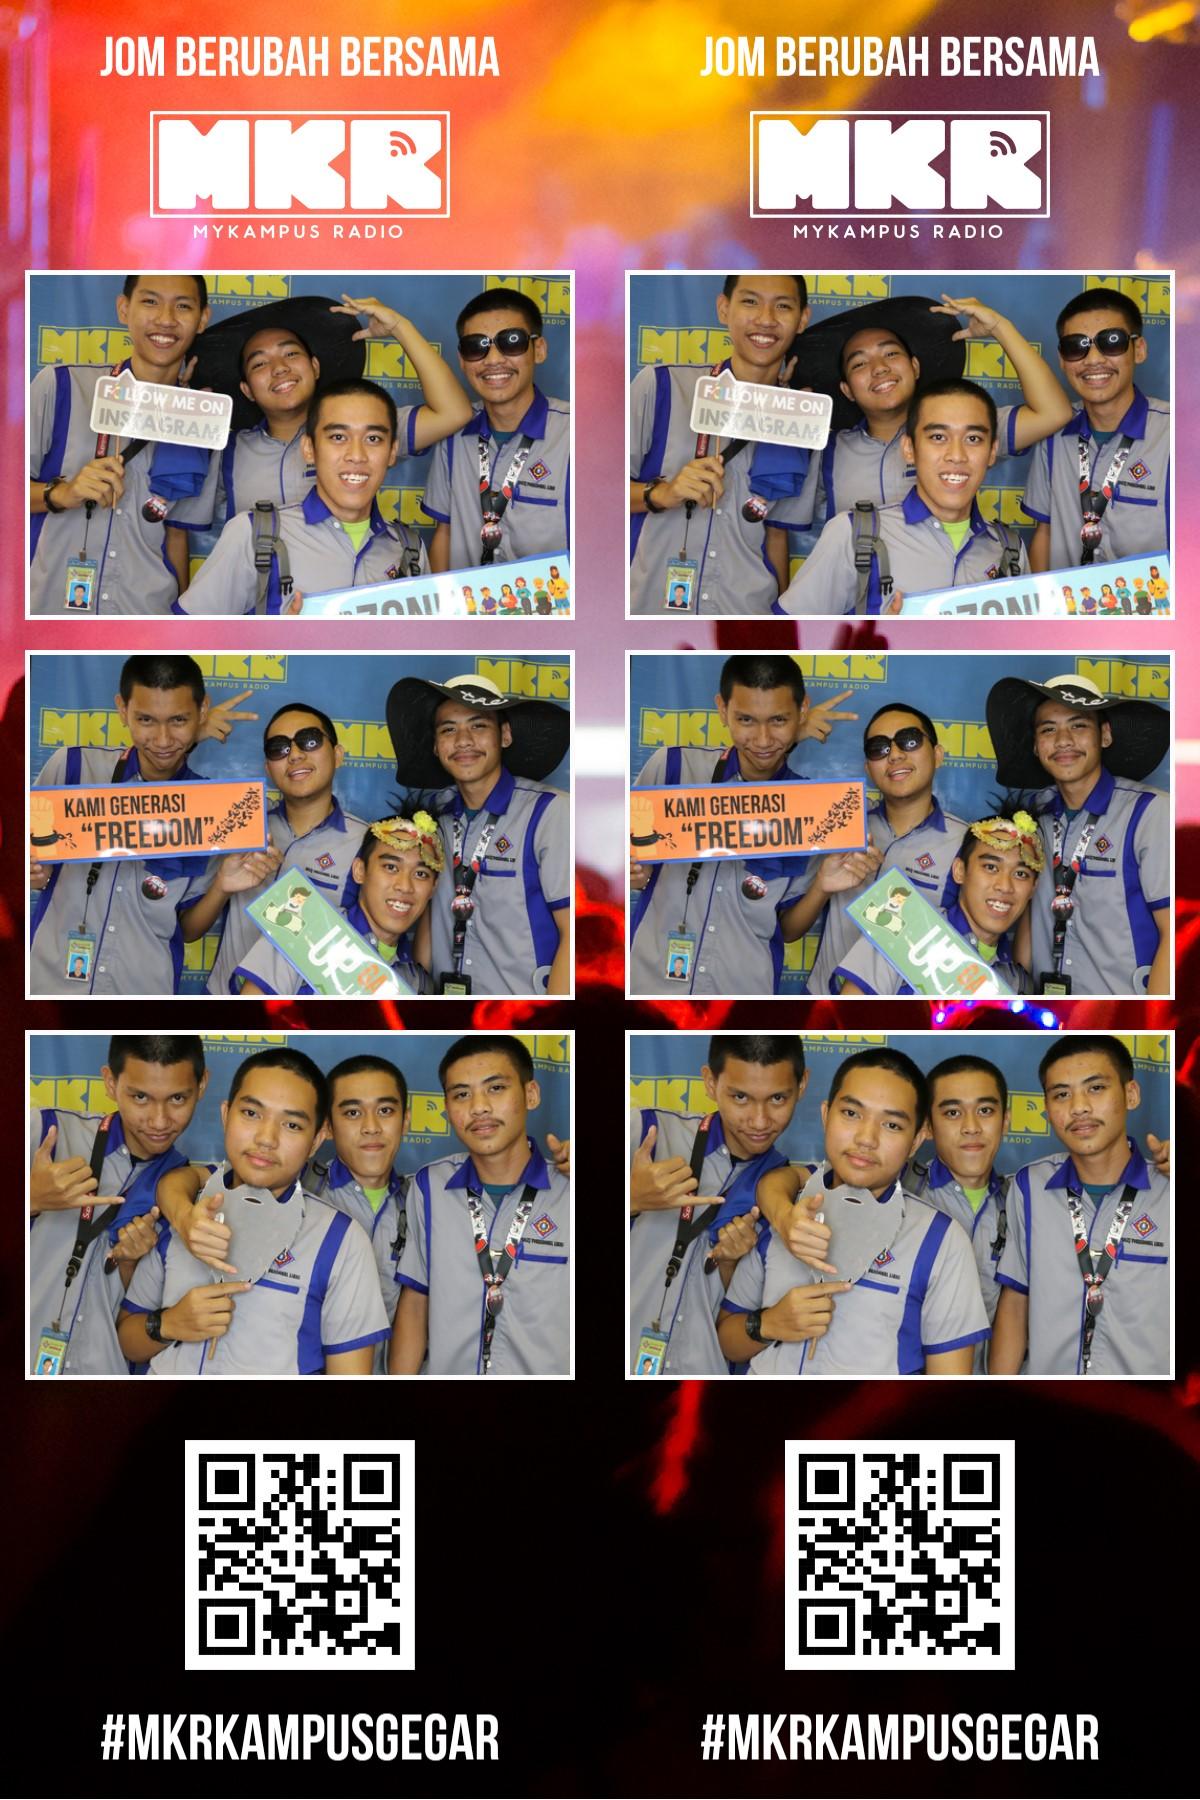 #MKRKampusGegar- Kolej Vokasional Likas, Sabah! (Photo booth)